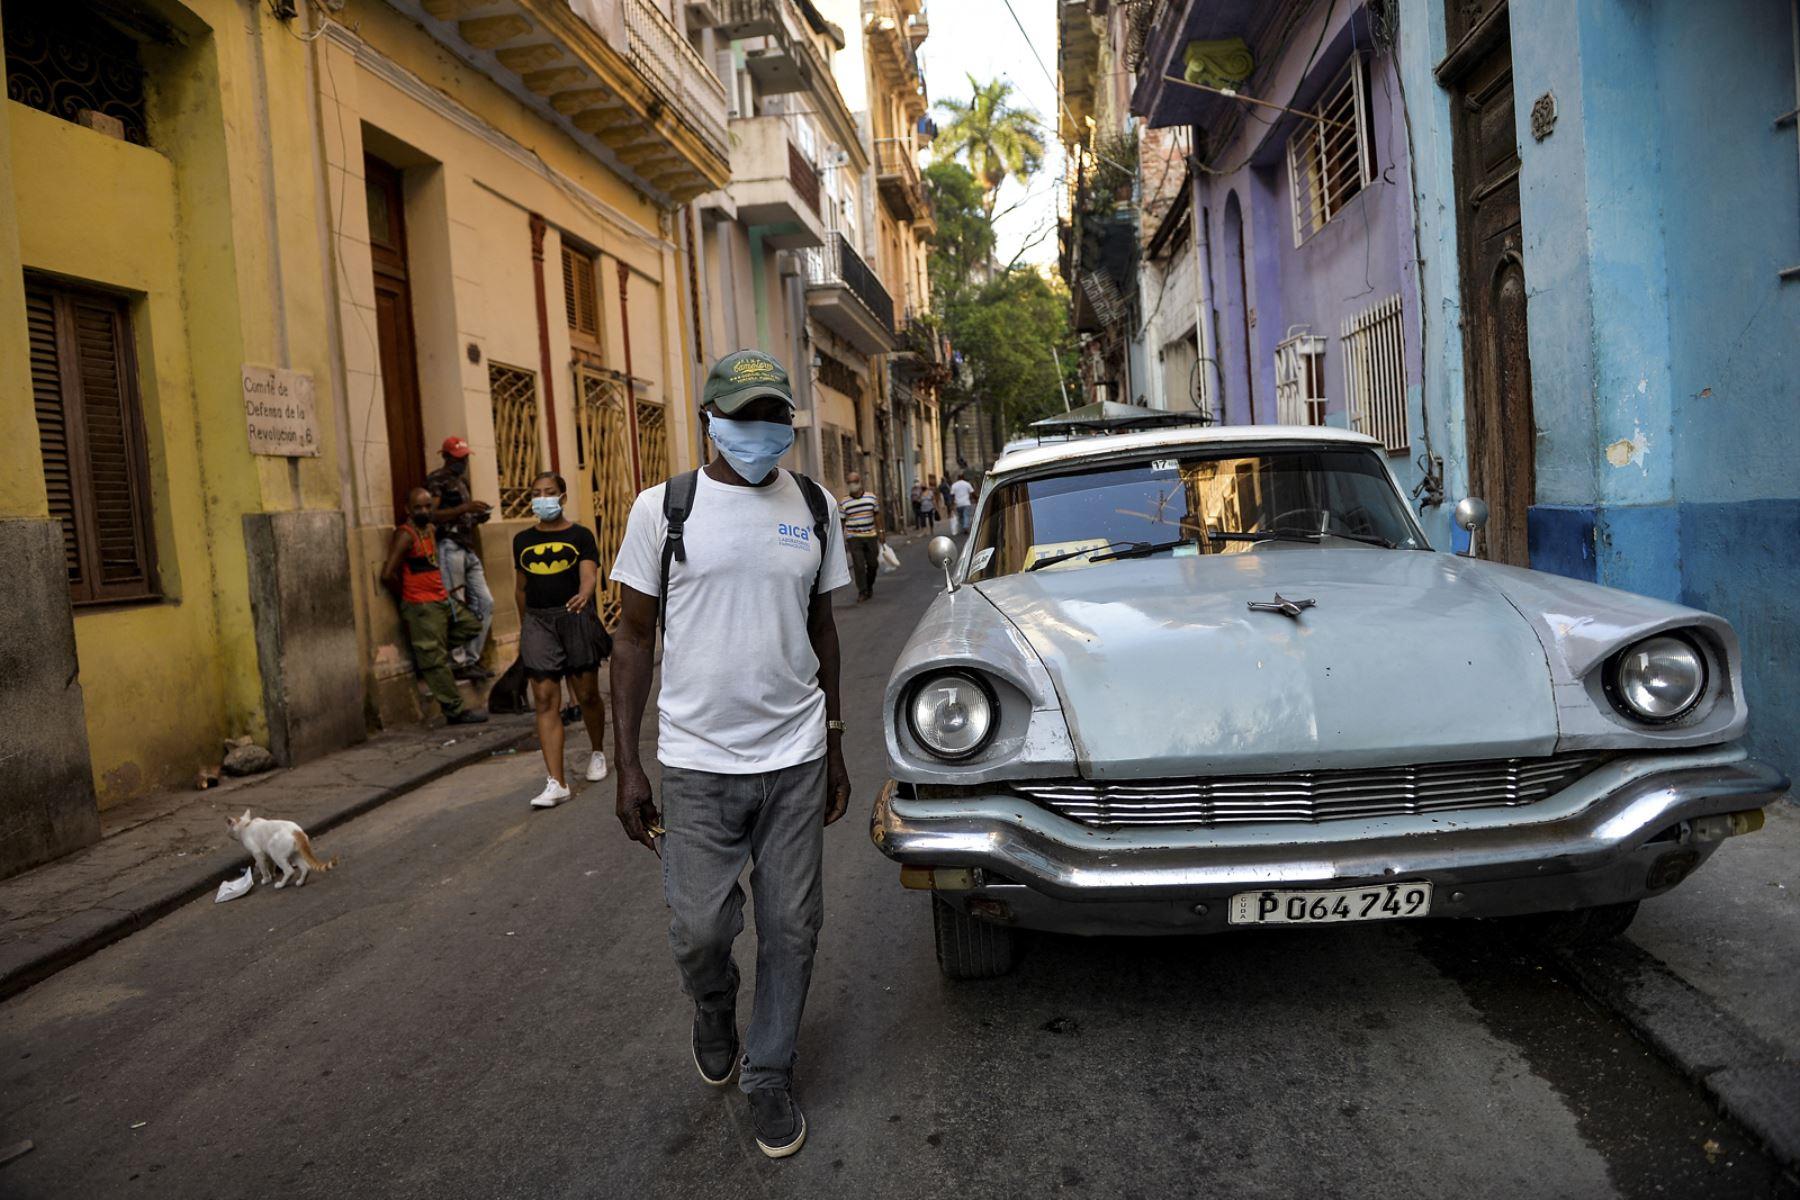 Un anciano con mascarilla camina por una calle de La Habana, el 6 de abril de 2021, en medio del incremento de contagios por coronavirus. Foto: AFP